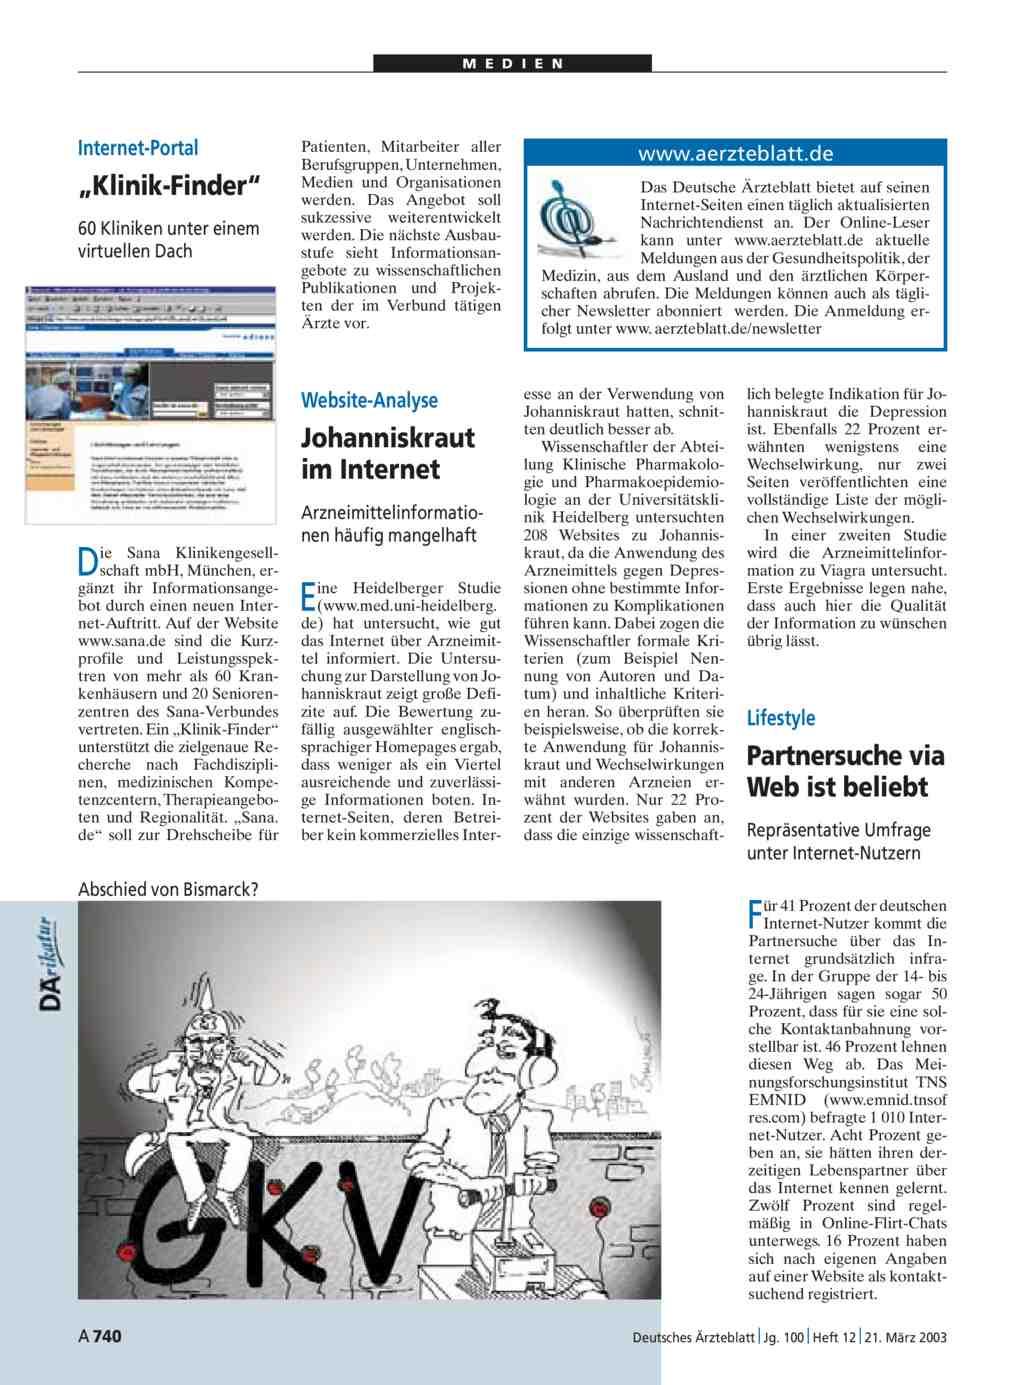 Website-Analyse: Johanniskraut im Internet